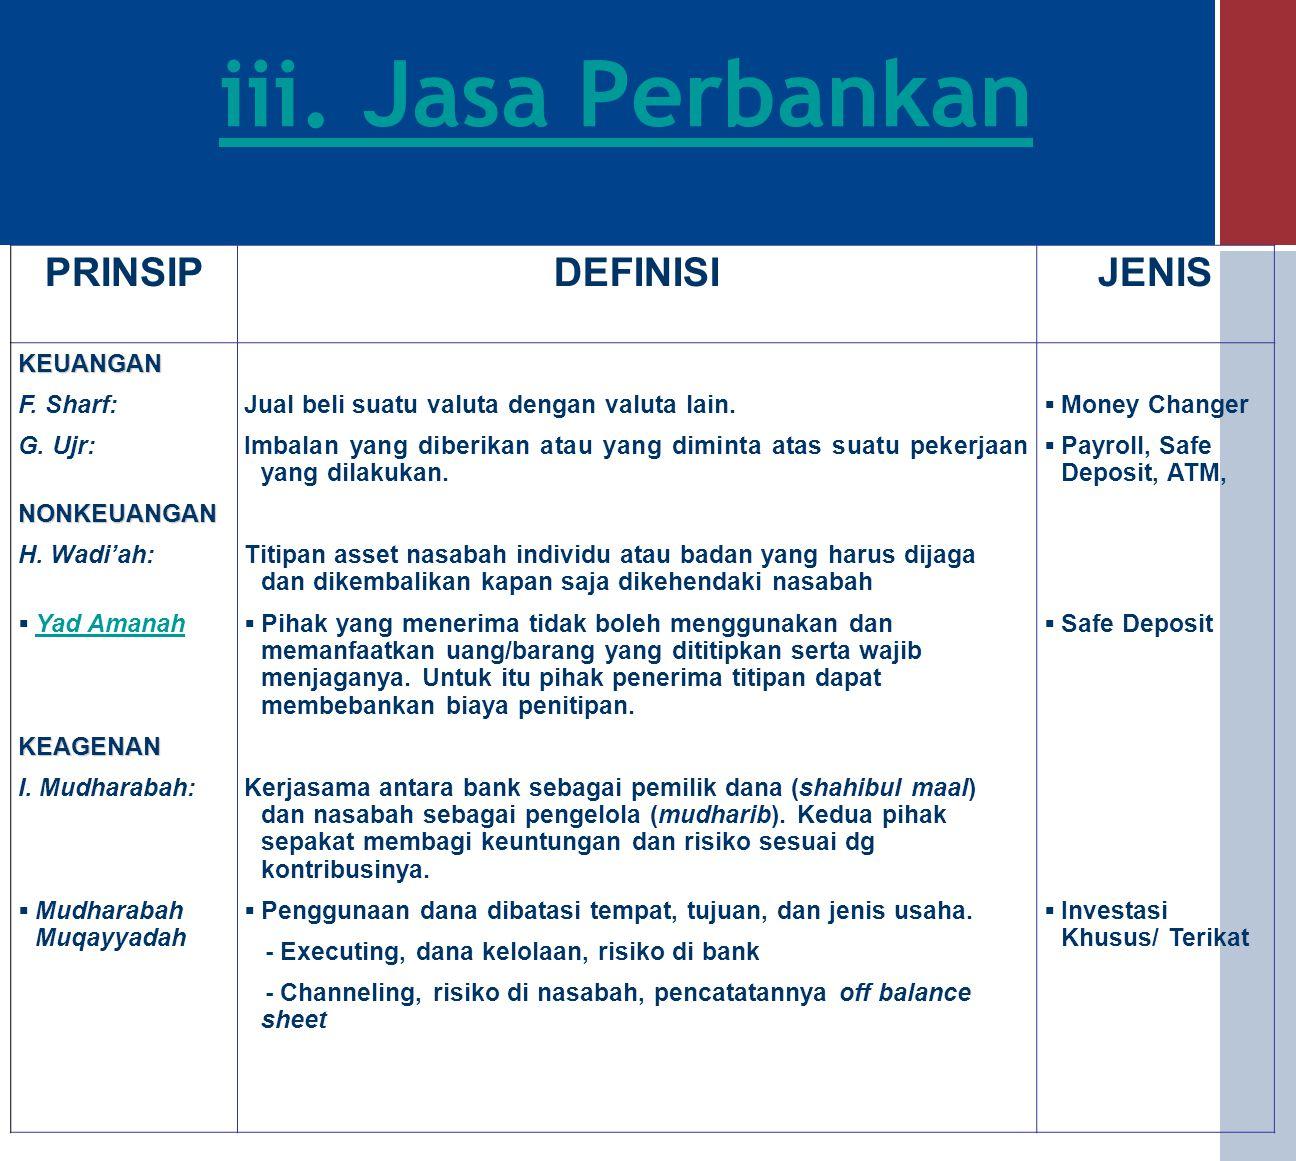 iii. Jasa Perbankan PRINSIPDEFINISIJENIS KEUANGAN A. Wakalah:Wakalah B. Kafalah:Kafalah C. Hawalah:Hawalah D. Rahn:Rahn E. Qardh:Qardh (Deputyship),ad